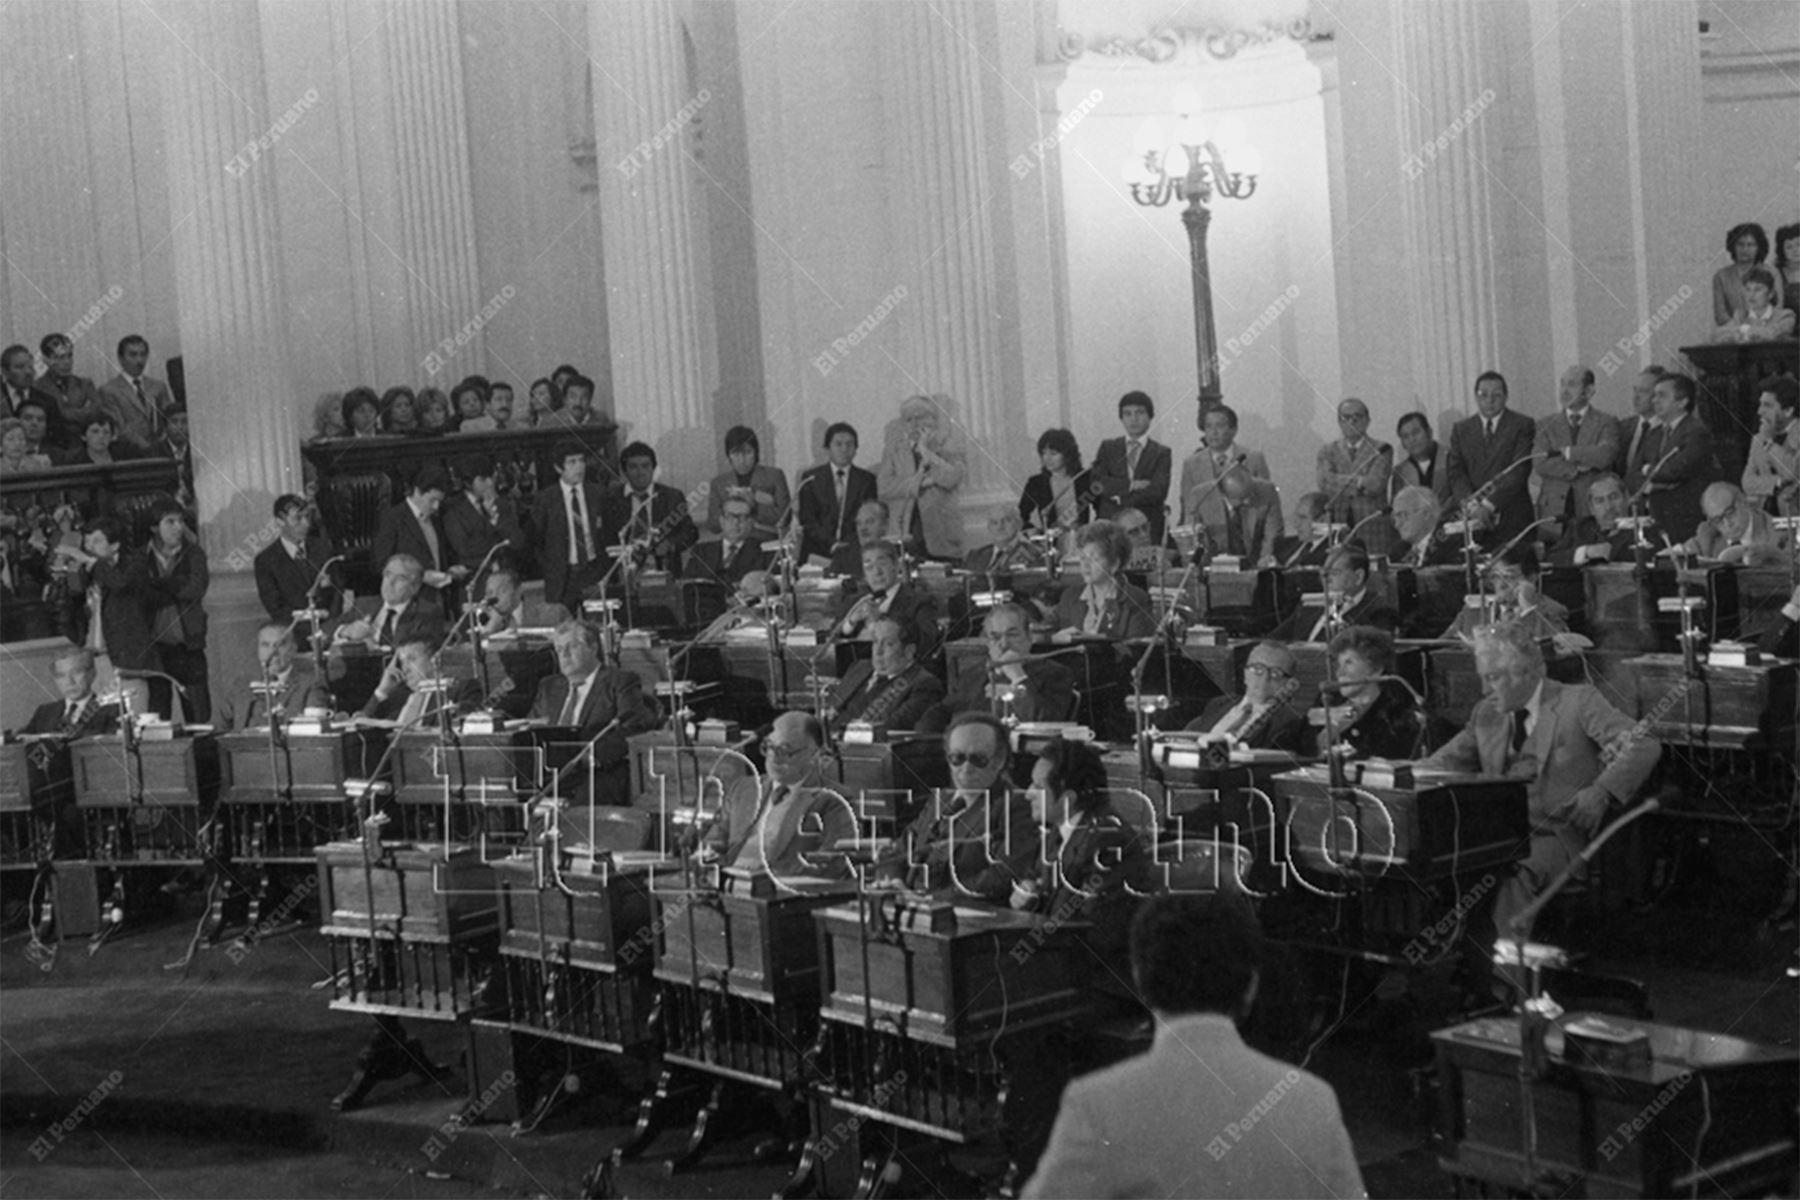 Lima - 12 julio 1985 / Instalación de la Junta Preparatoria de la Cámara de Senadores.  Foto: Archivo Histórico de El Peruano / Bernabé Wong